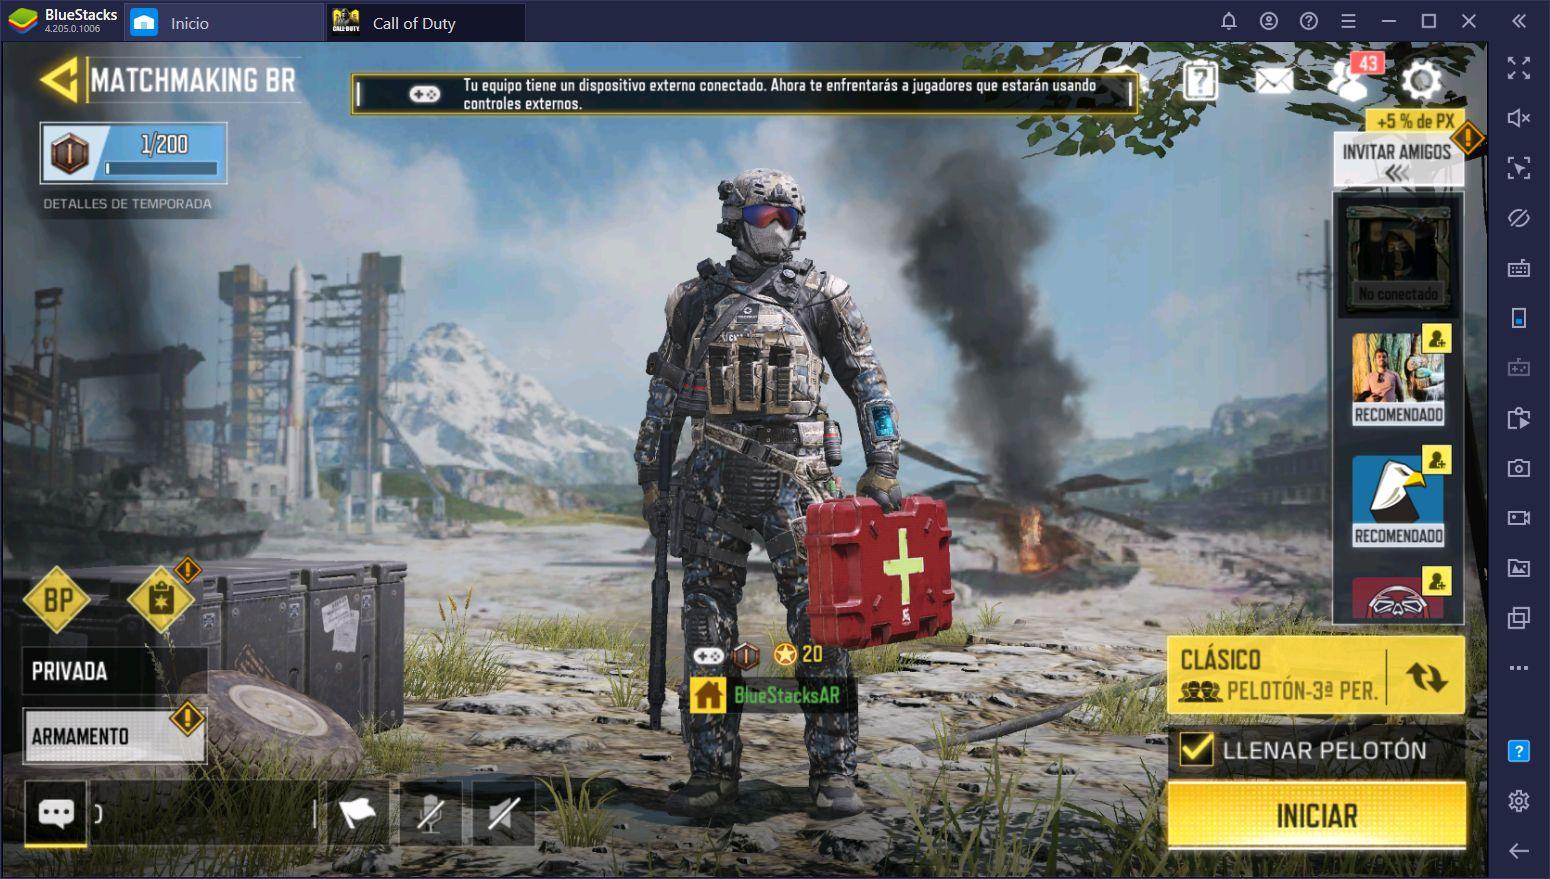 Call of Duty: Mobile Season 6 - El Gulag, Duelo 1c1, y la Nueva Clase Para BR